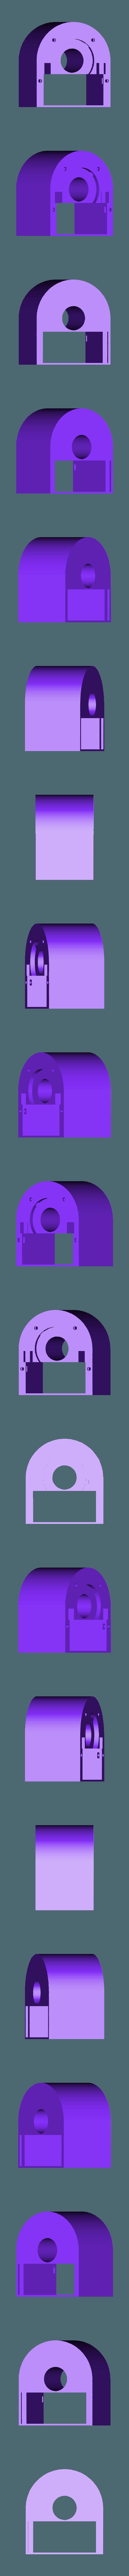 1904-07_Part11.stl Download free STL file 3D printed lock • 3D printer design, EL3D